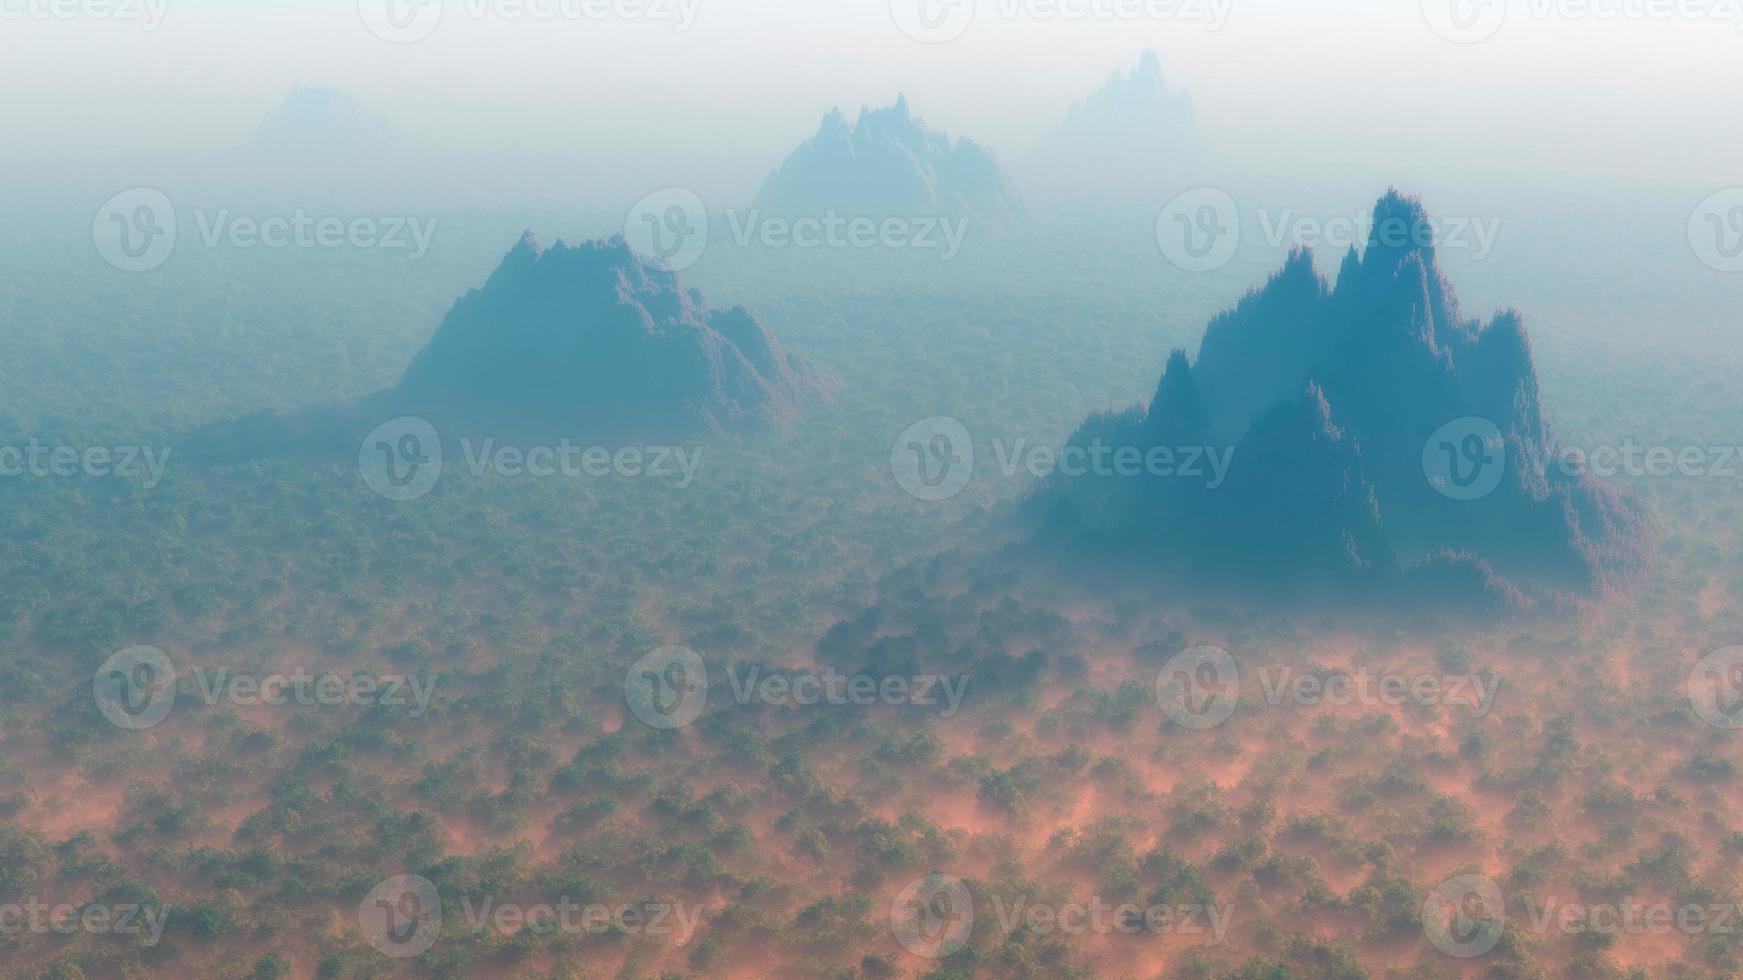 aérienne de forêt dense avec des sommets dans la brume. photo